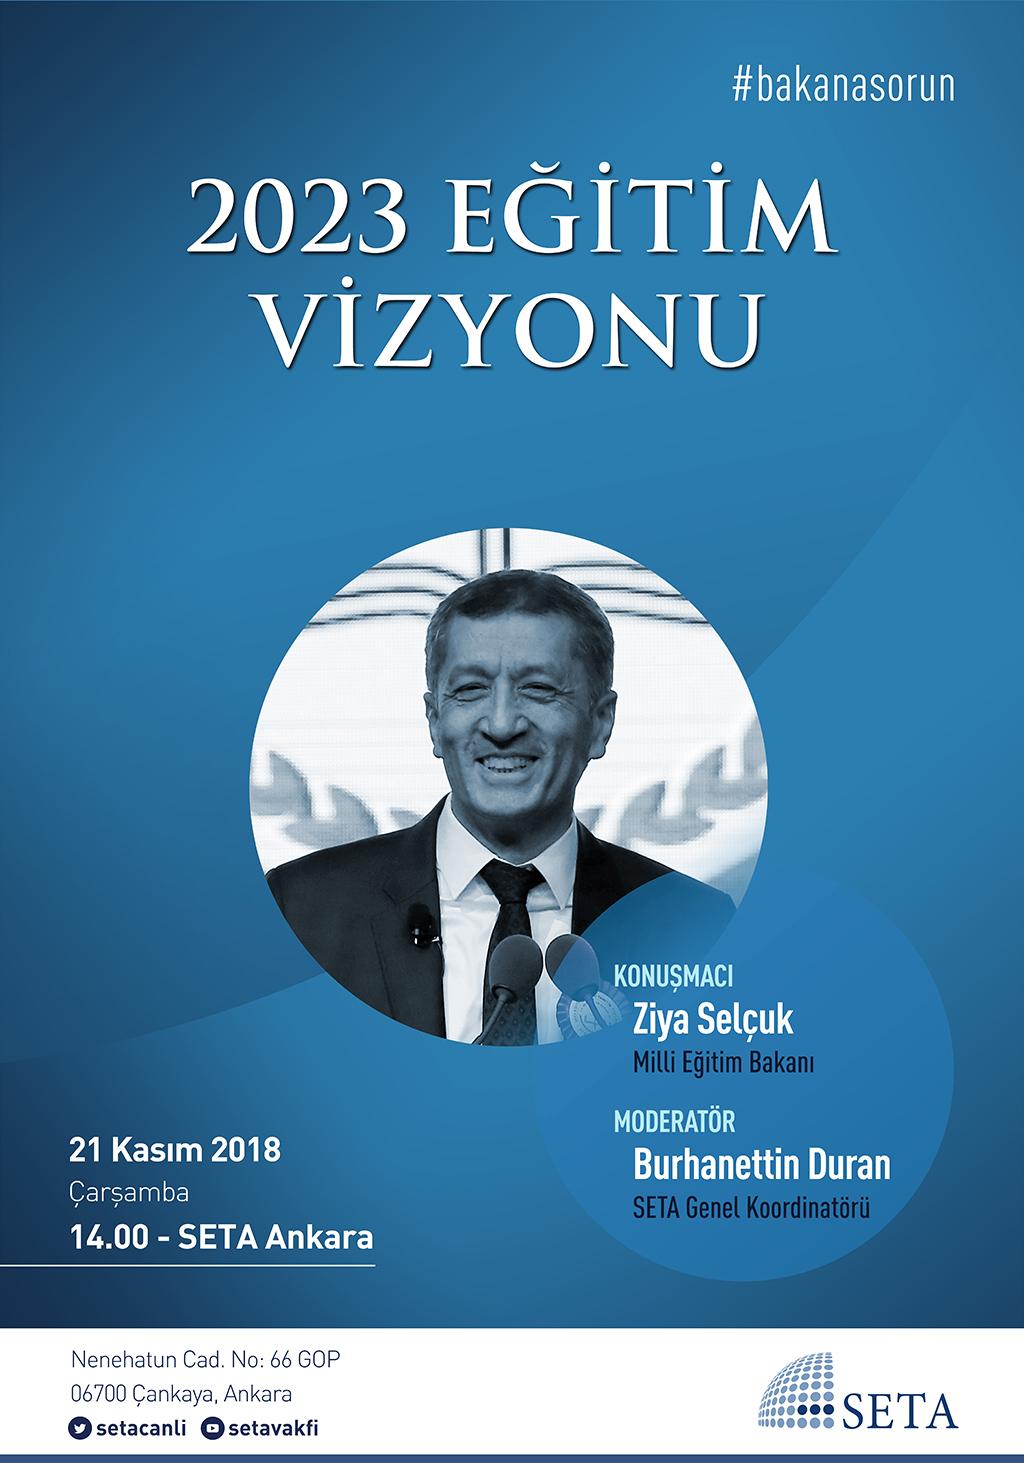 Özel Oturum: Milli Eğitim Bakanı Ziya Selçuk ile 2023 Eğitim Vizyonu | #BakanaSorun